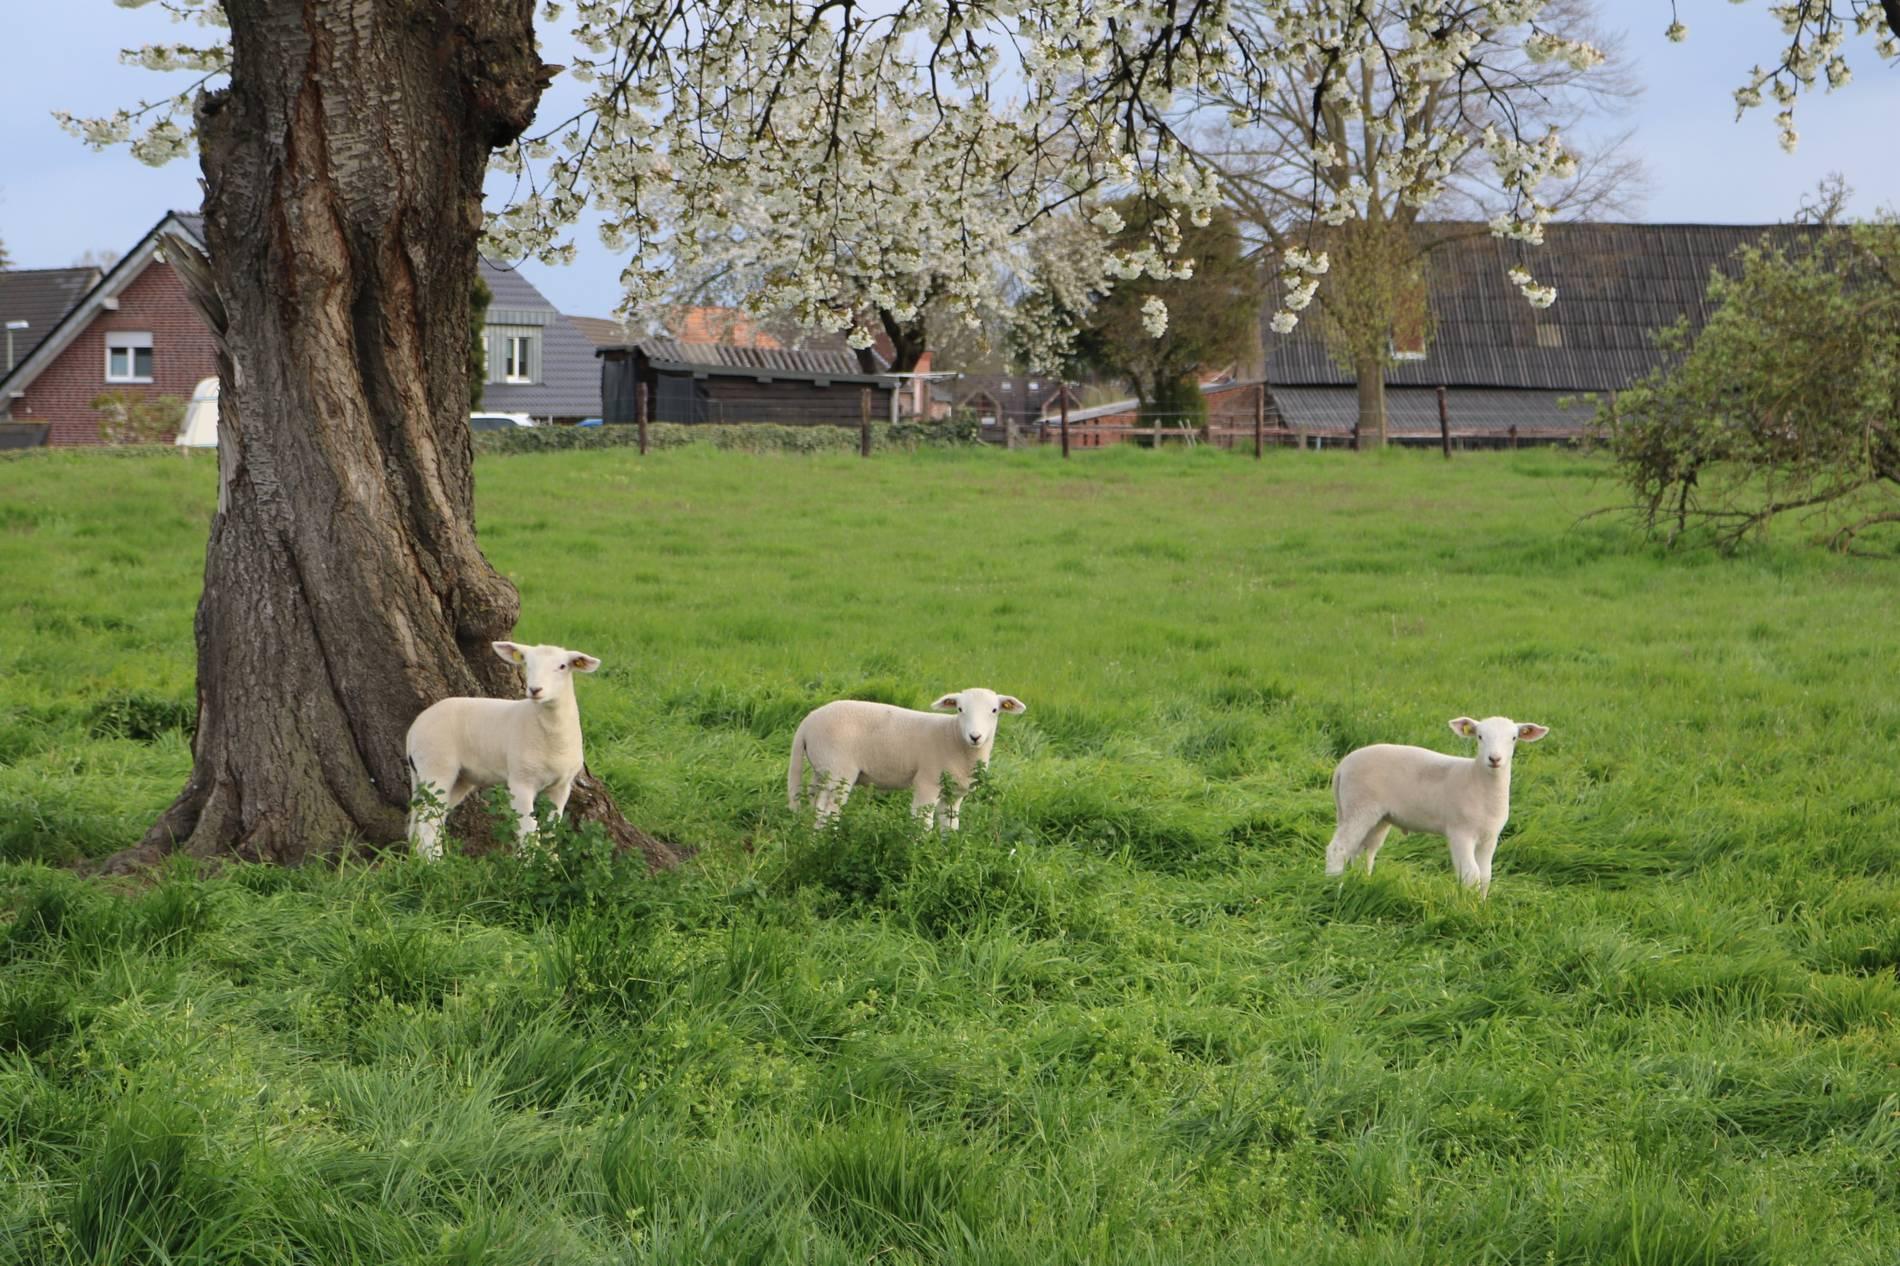 Geliebte Rückkehr zum Ursprung des Schafes: Schafe züchten, die nicht &NO_48